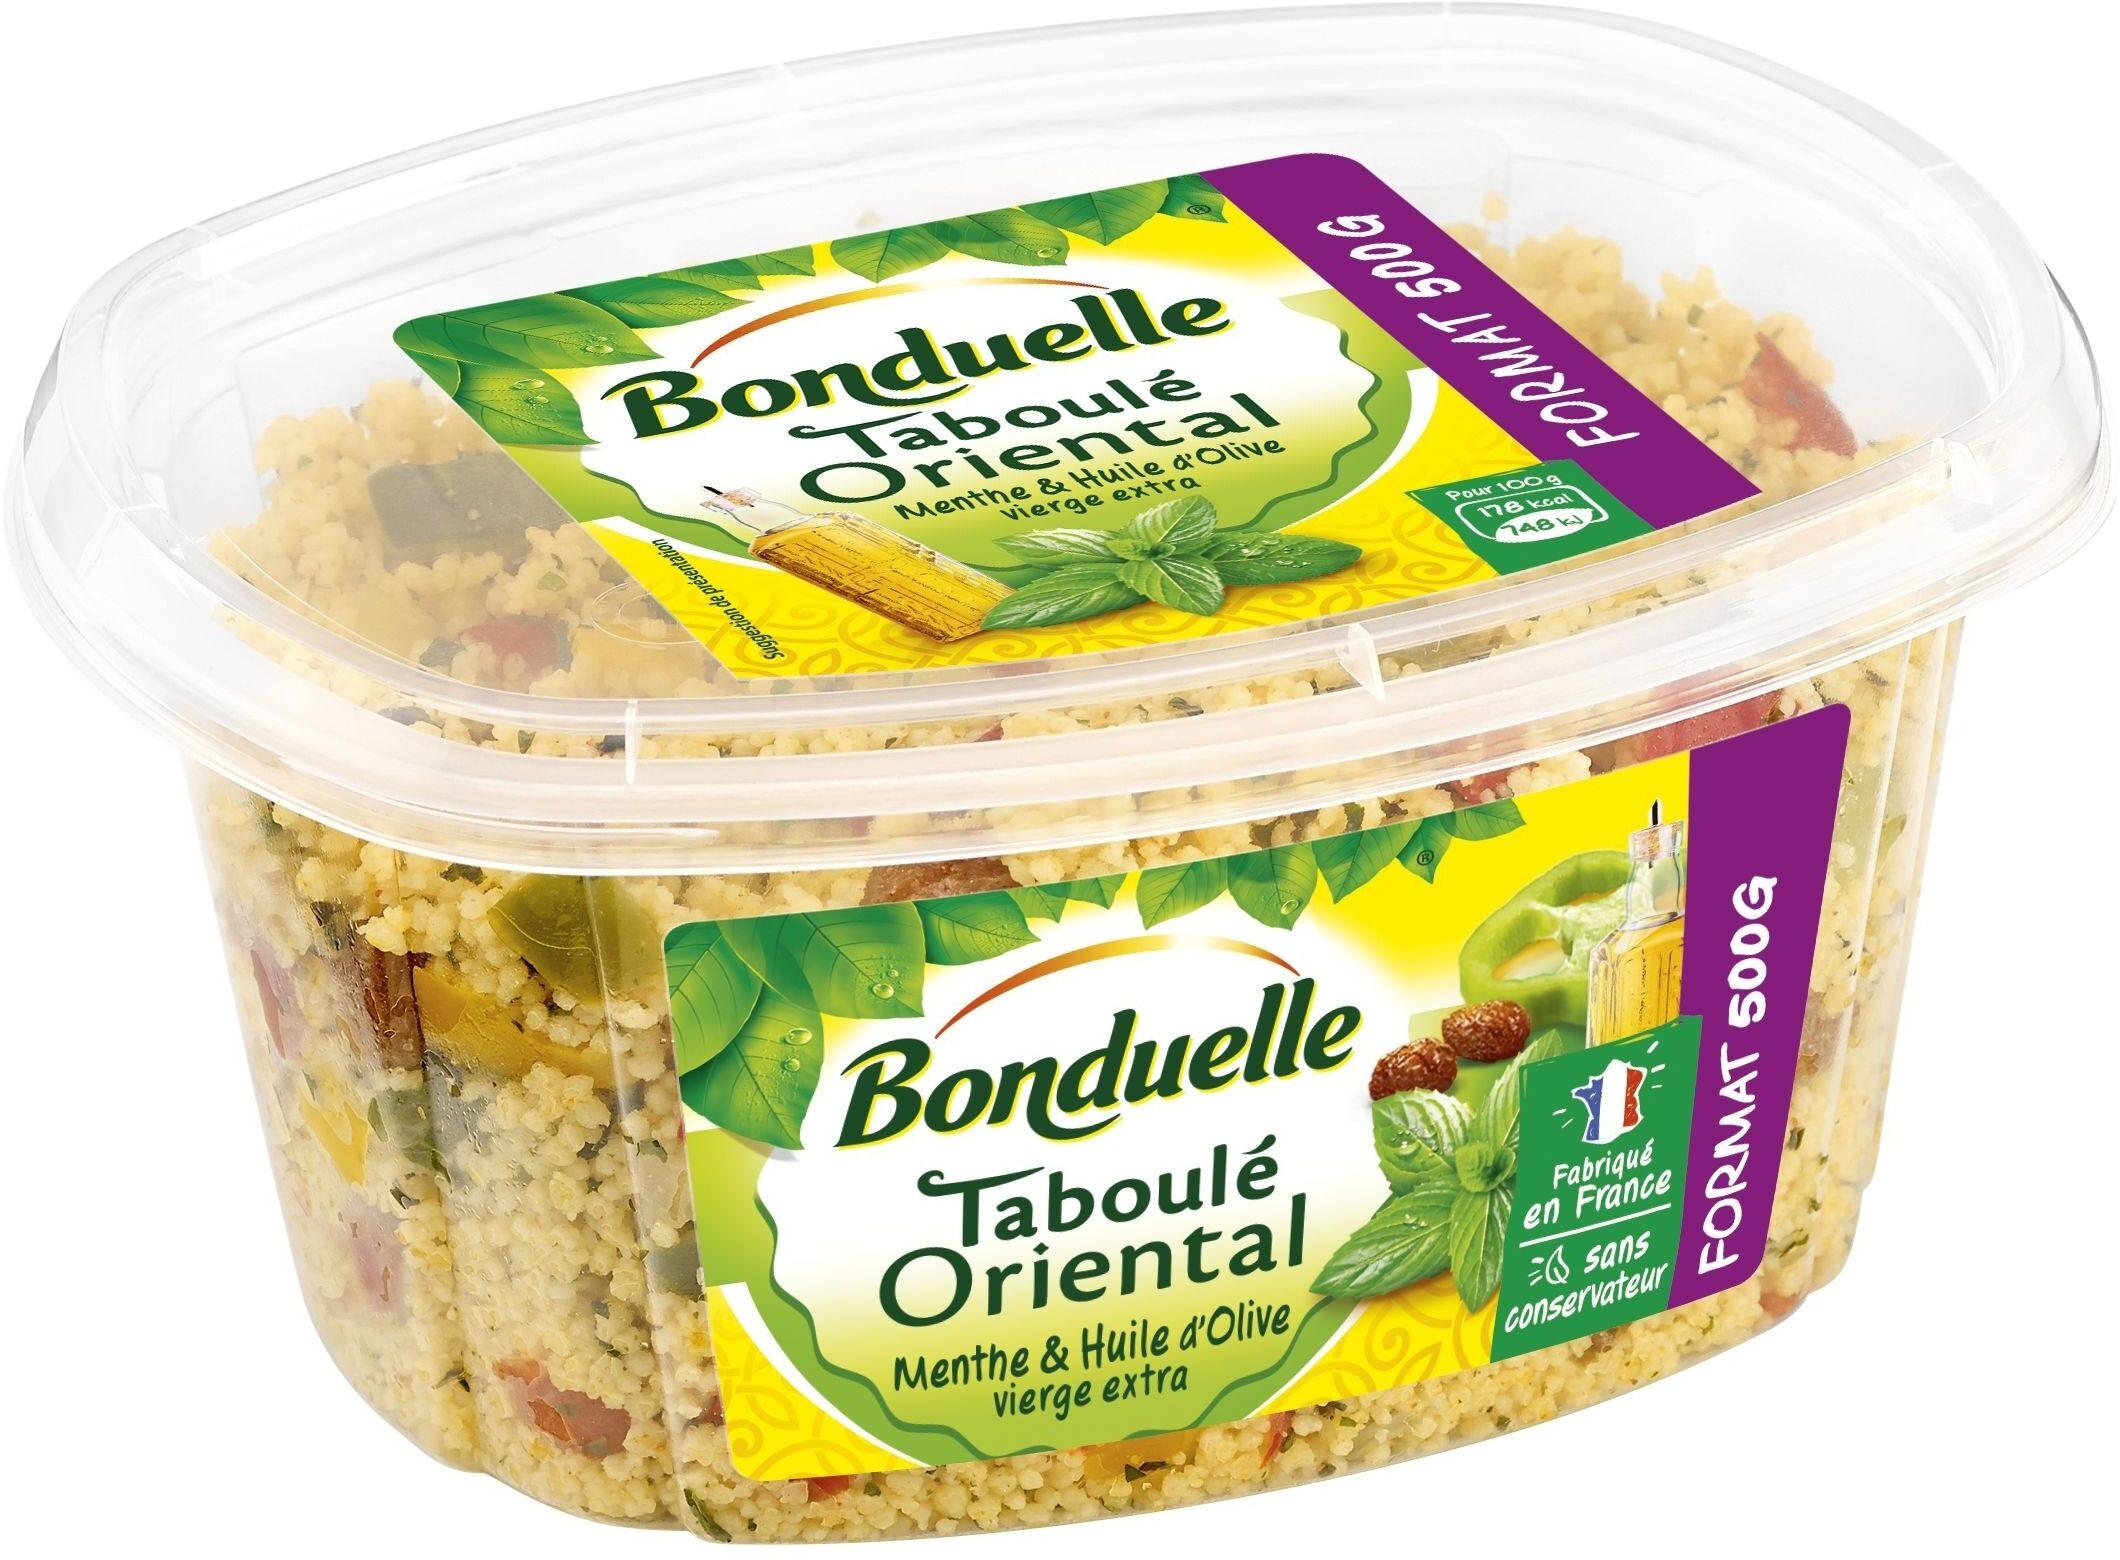 Taboulé Oriental Menthe et Huile d'Olive vierge extra - Produit - fr